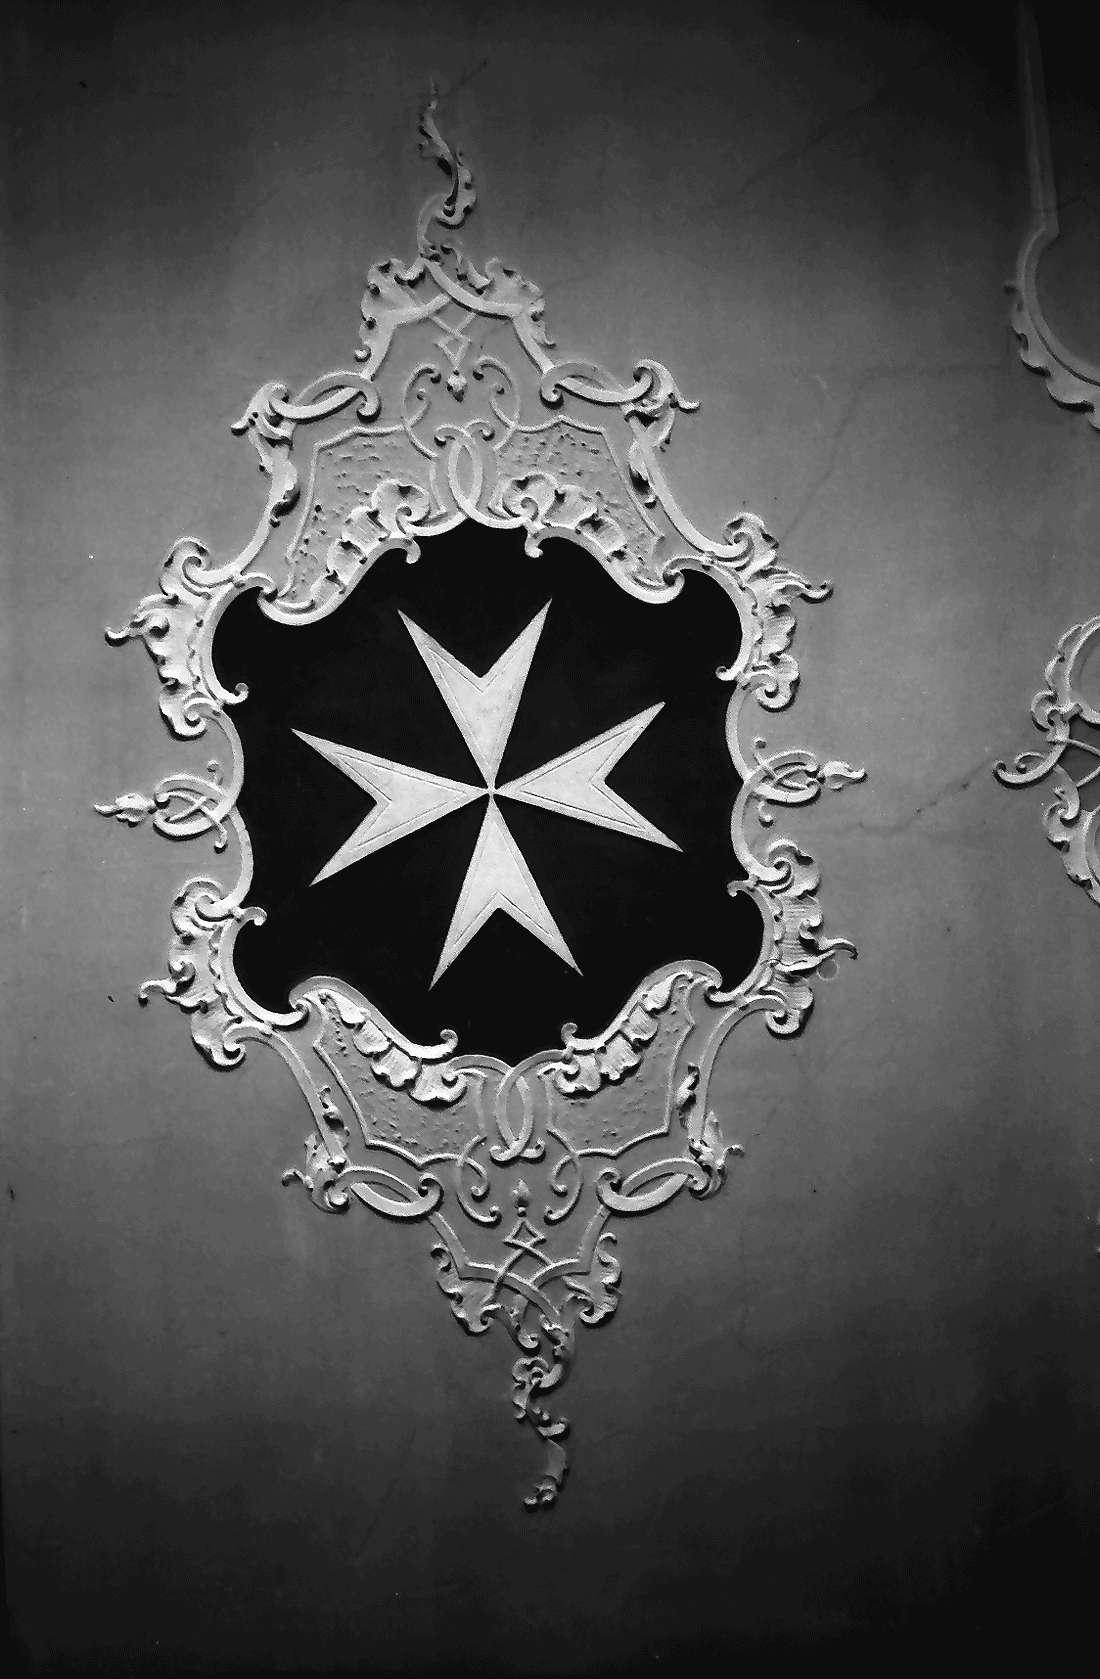 Heitersheim: Malteserwappen in der Stuckatur, Bild 1